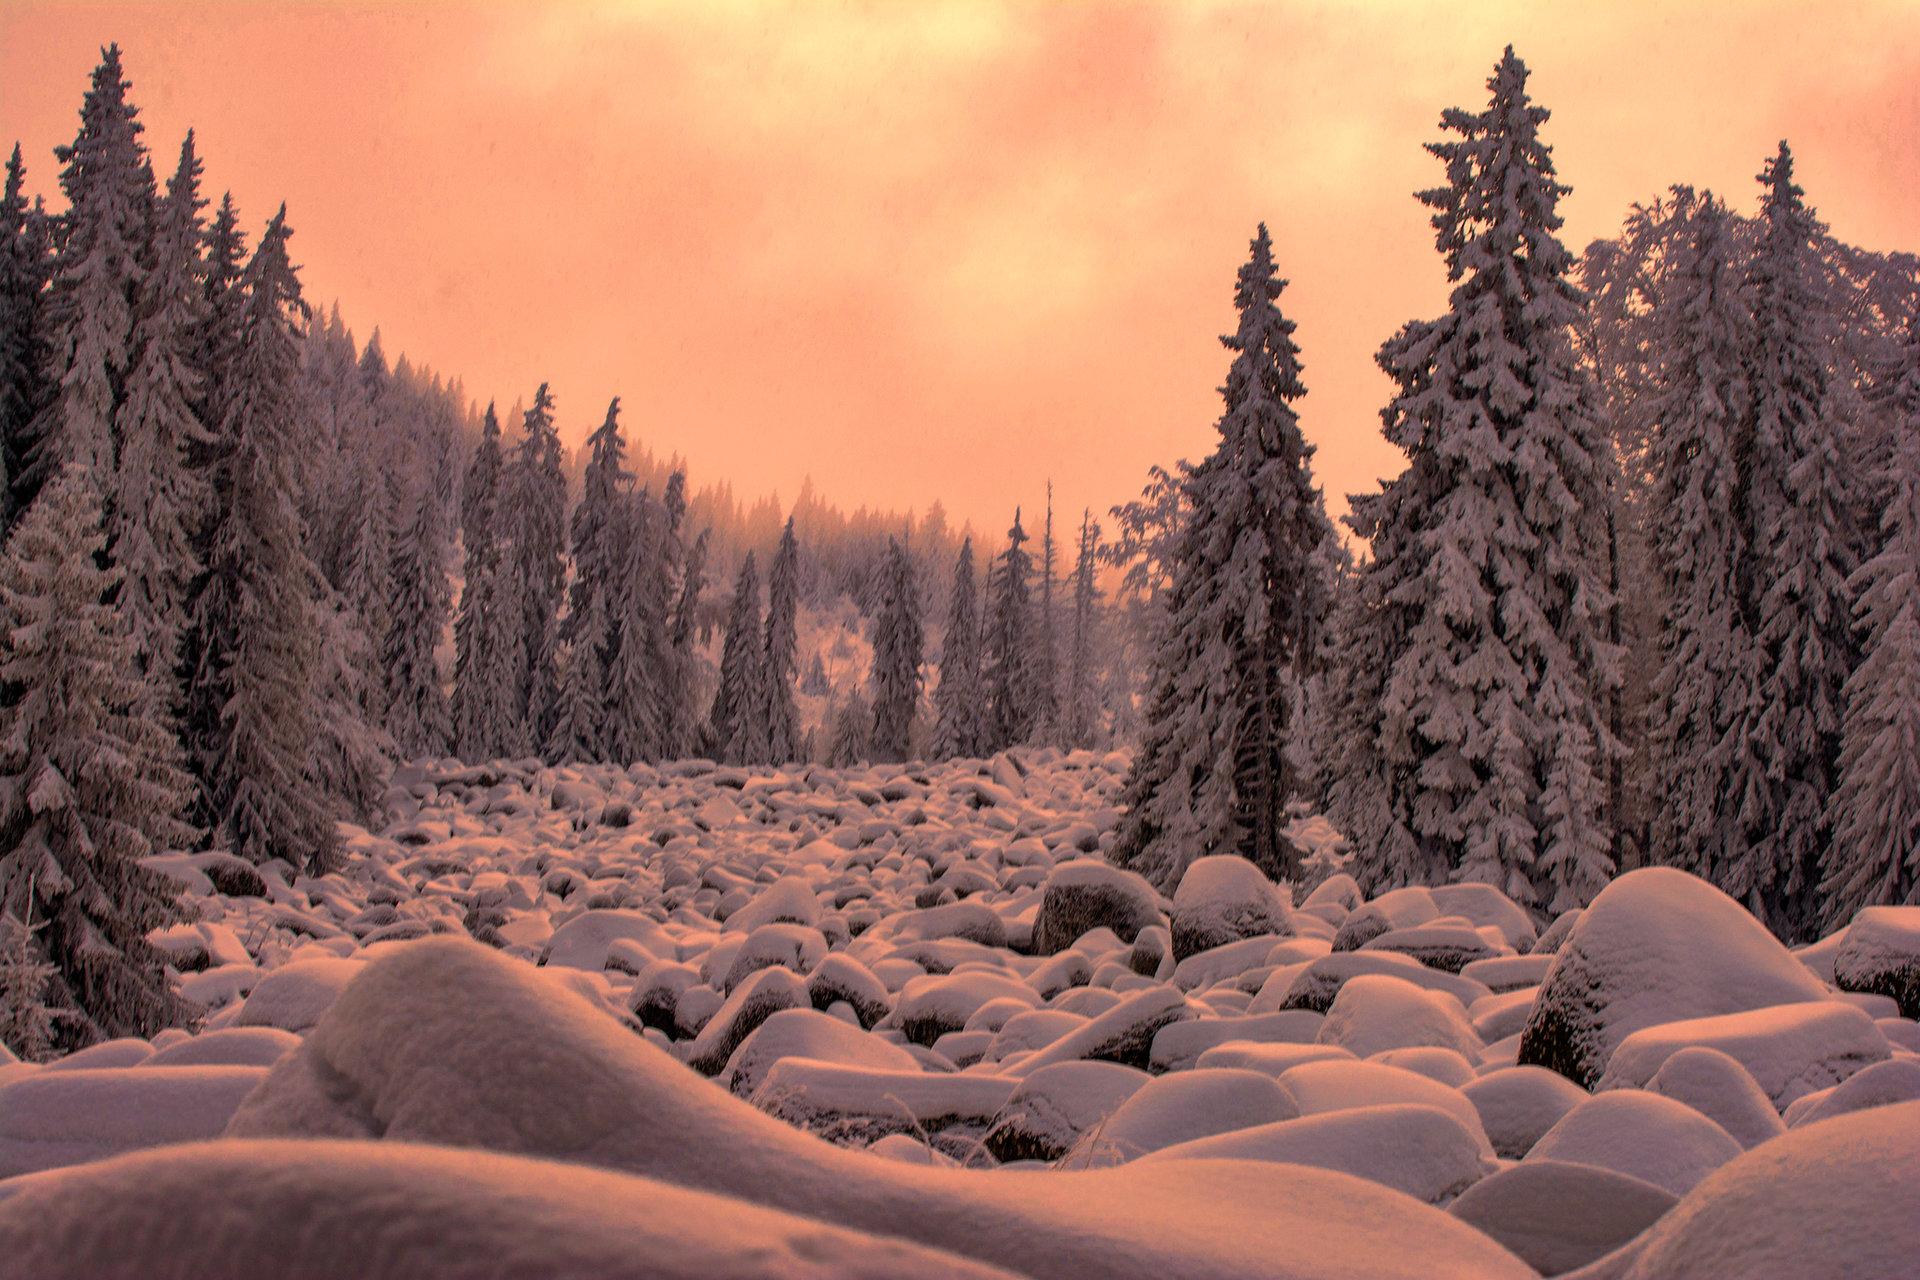 Зимна приказка | Author TEODORA IVANOVA - dorascal18 | PHOTO FORUM